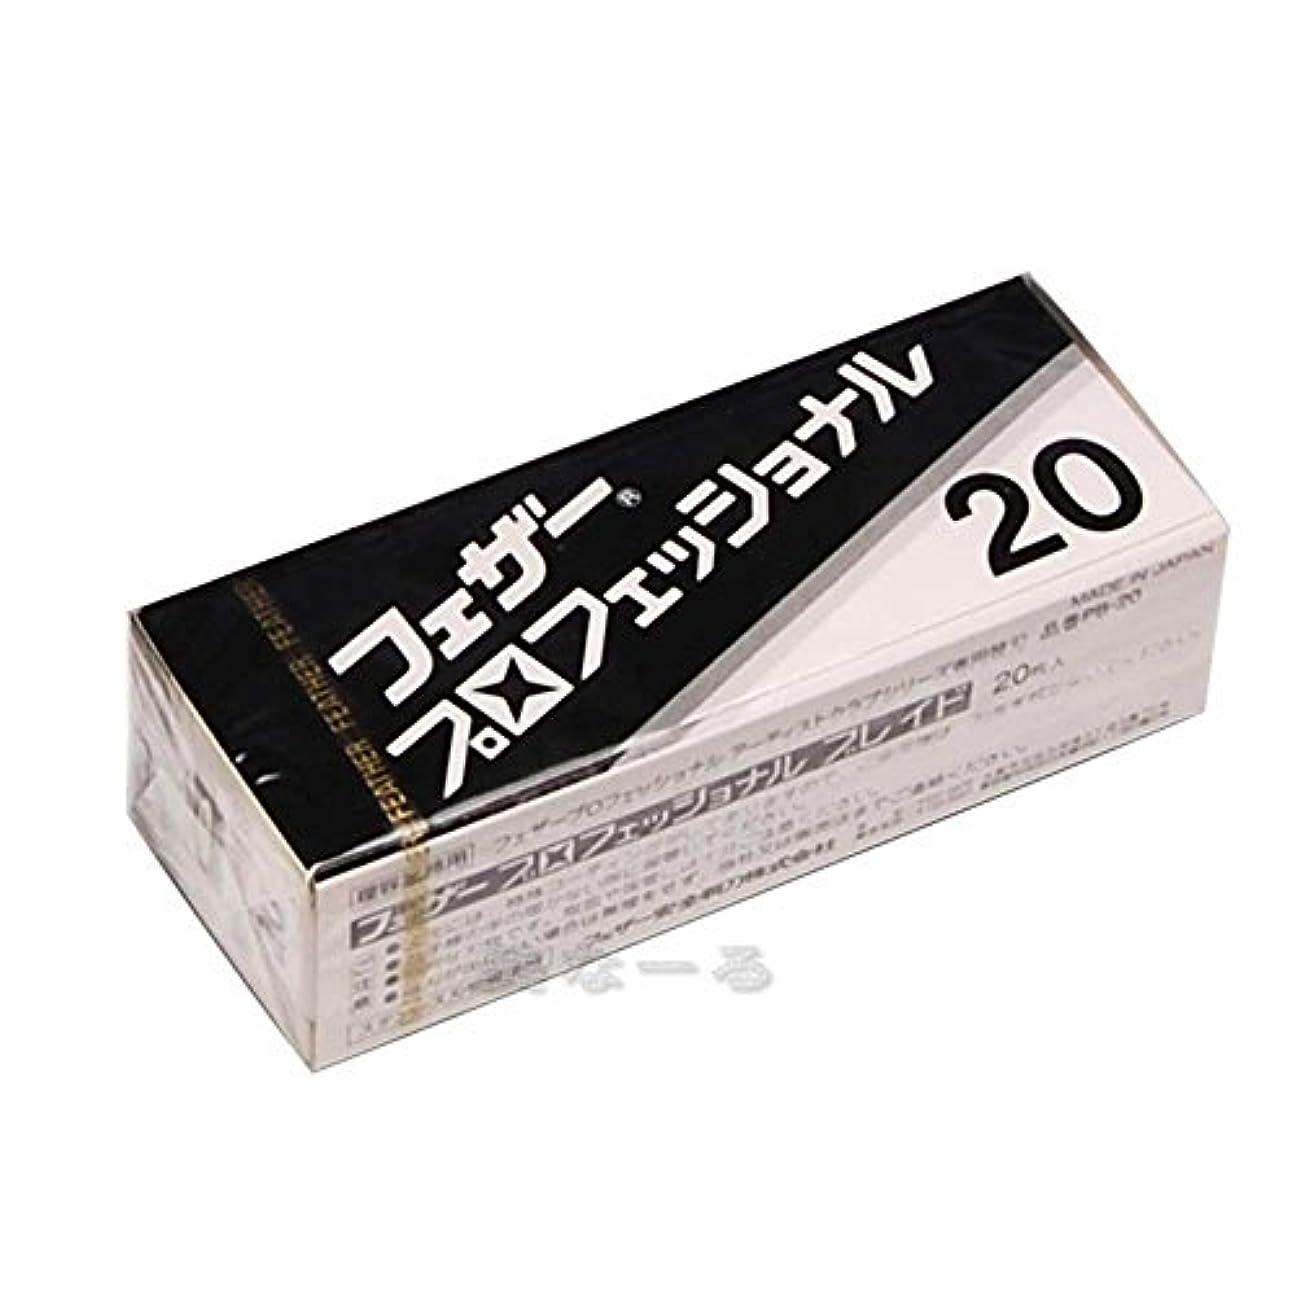 書店判定オーガニックフェザー プロフェッショナル ブレイド PB-20 替刃 20枚入